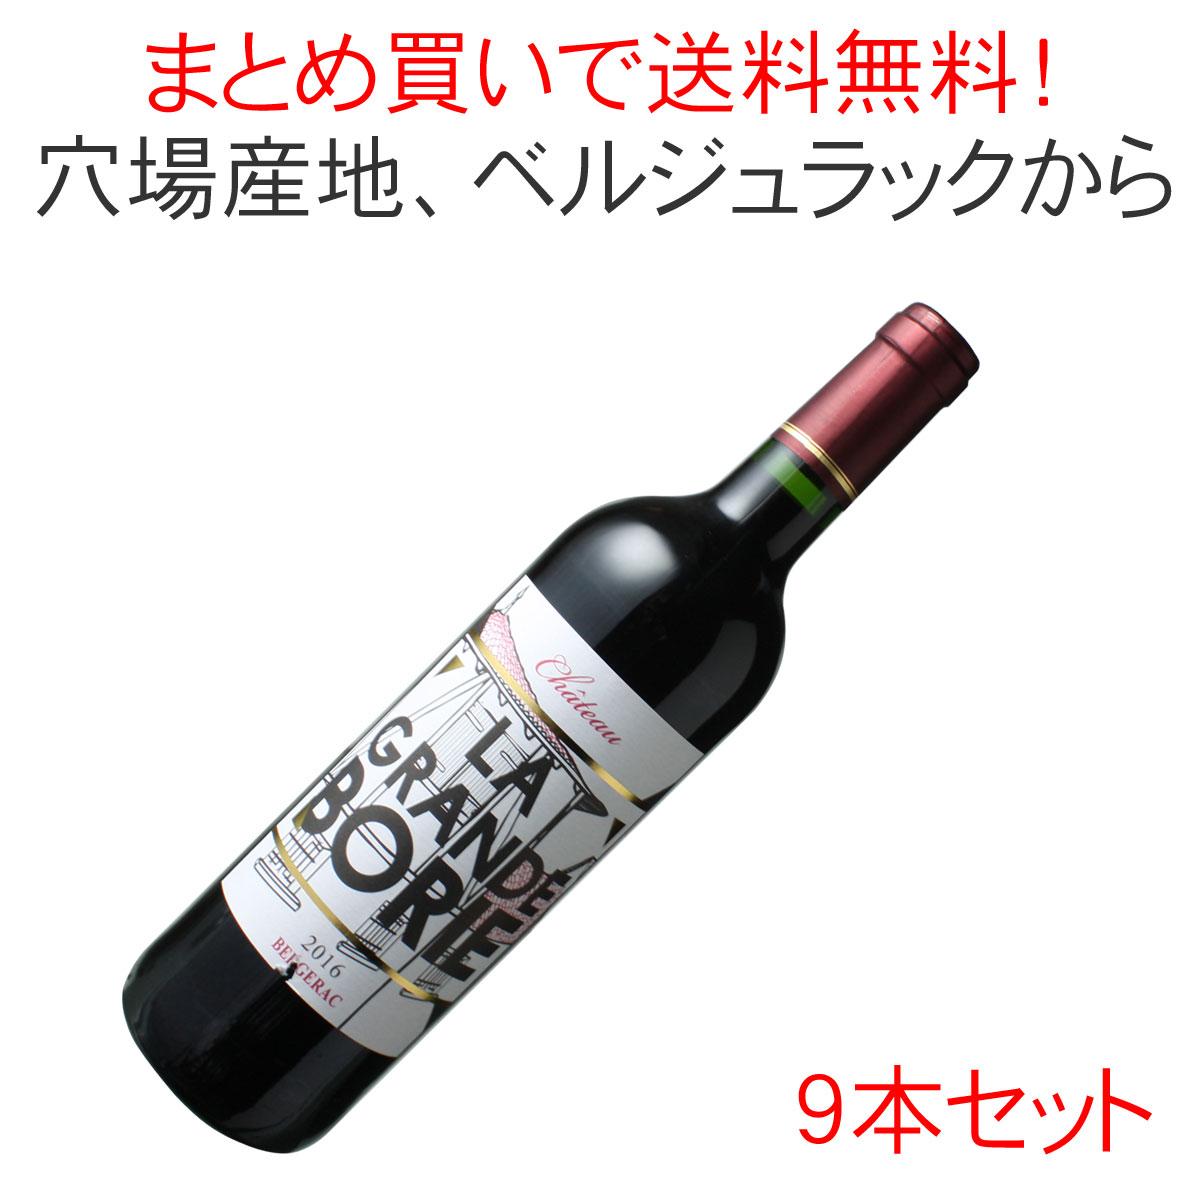 【送料無料】シャトー・ラ・グラン・ボリー [2016] 1ケース9本セット <赤> <ワイン/フランス南西部>